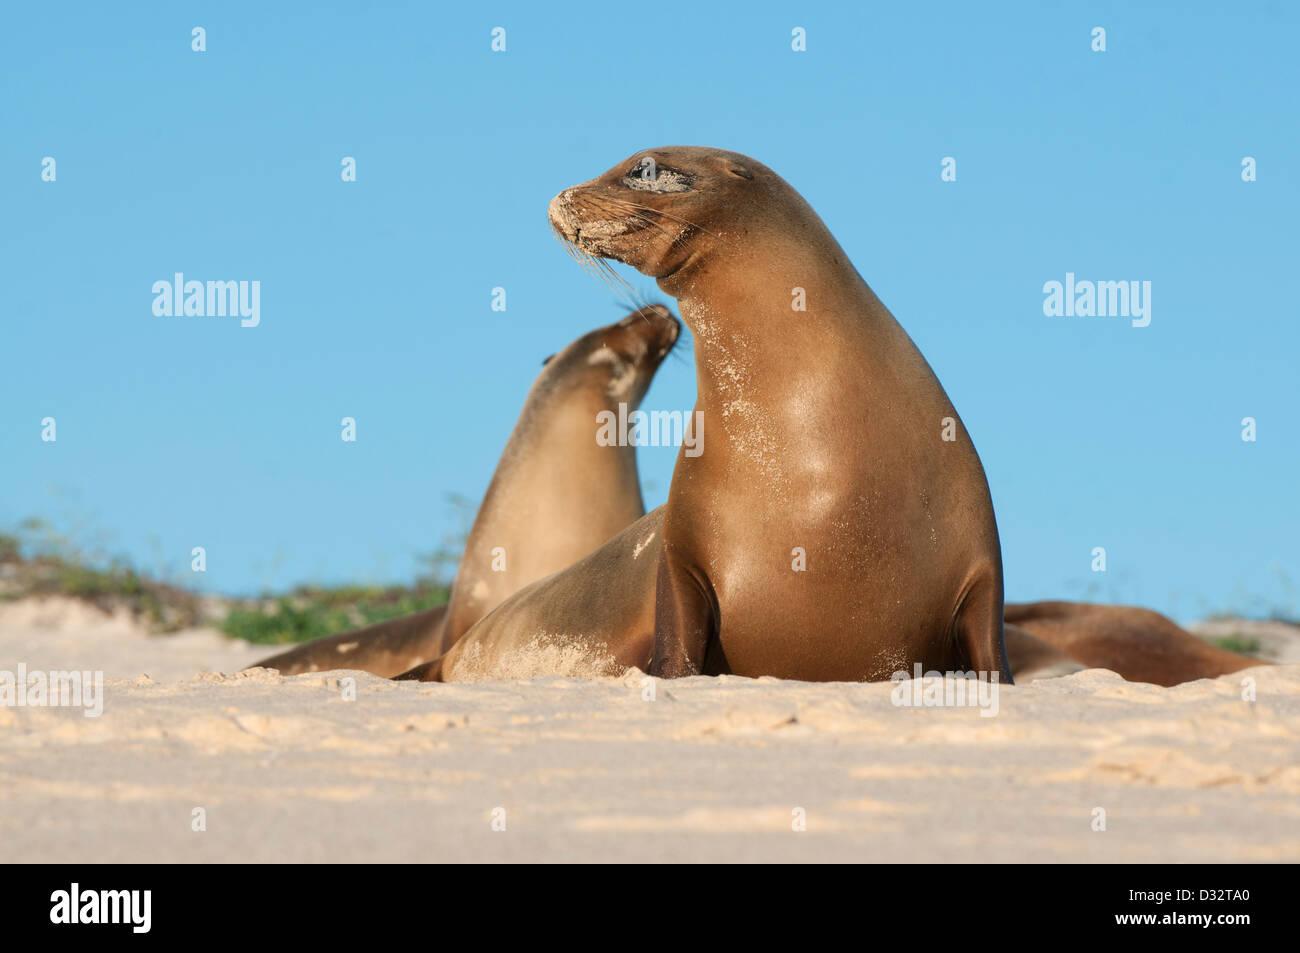 Galápagos sea lions (Zalophus wollebaeki) Cerro Brujo, San Cristobal Is. Galapagos - Stock Image